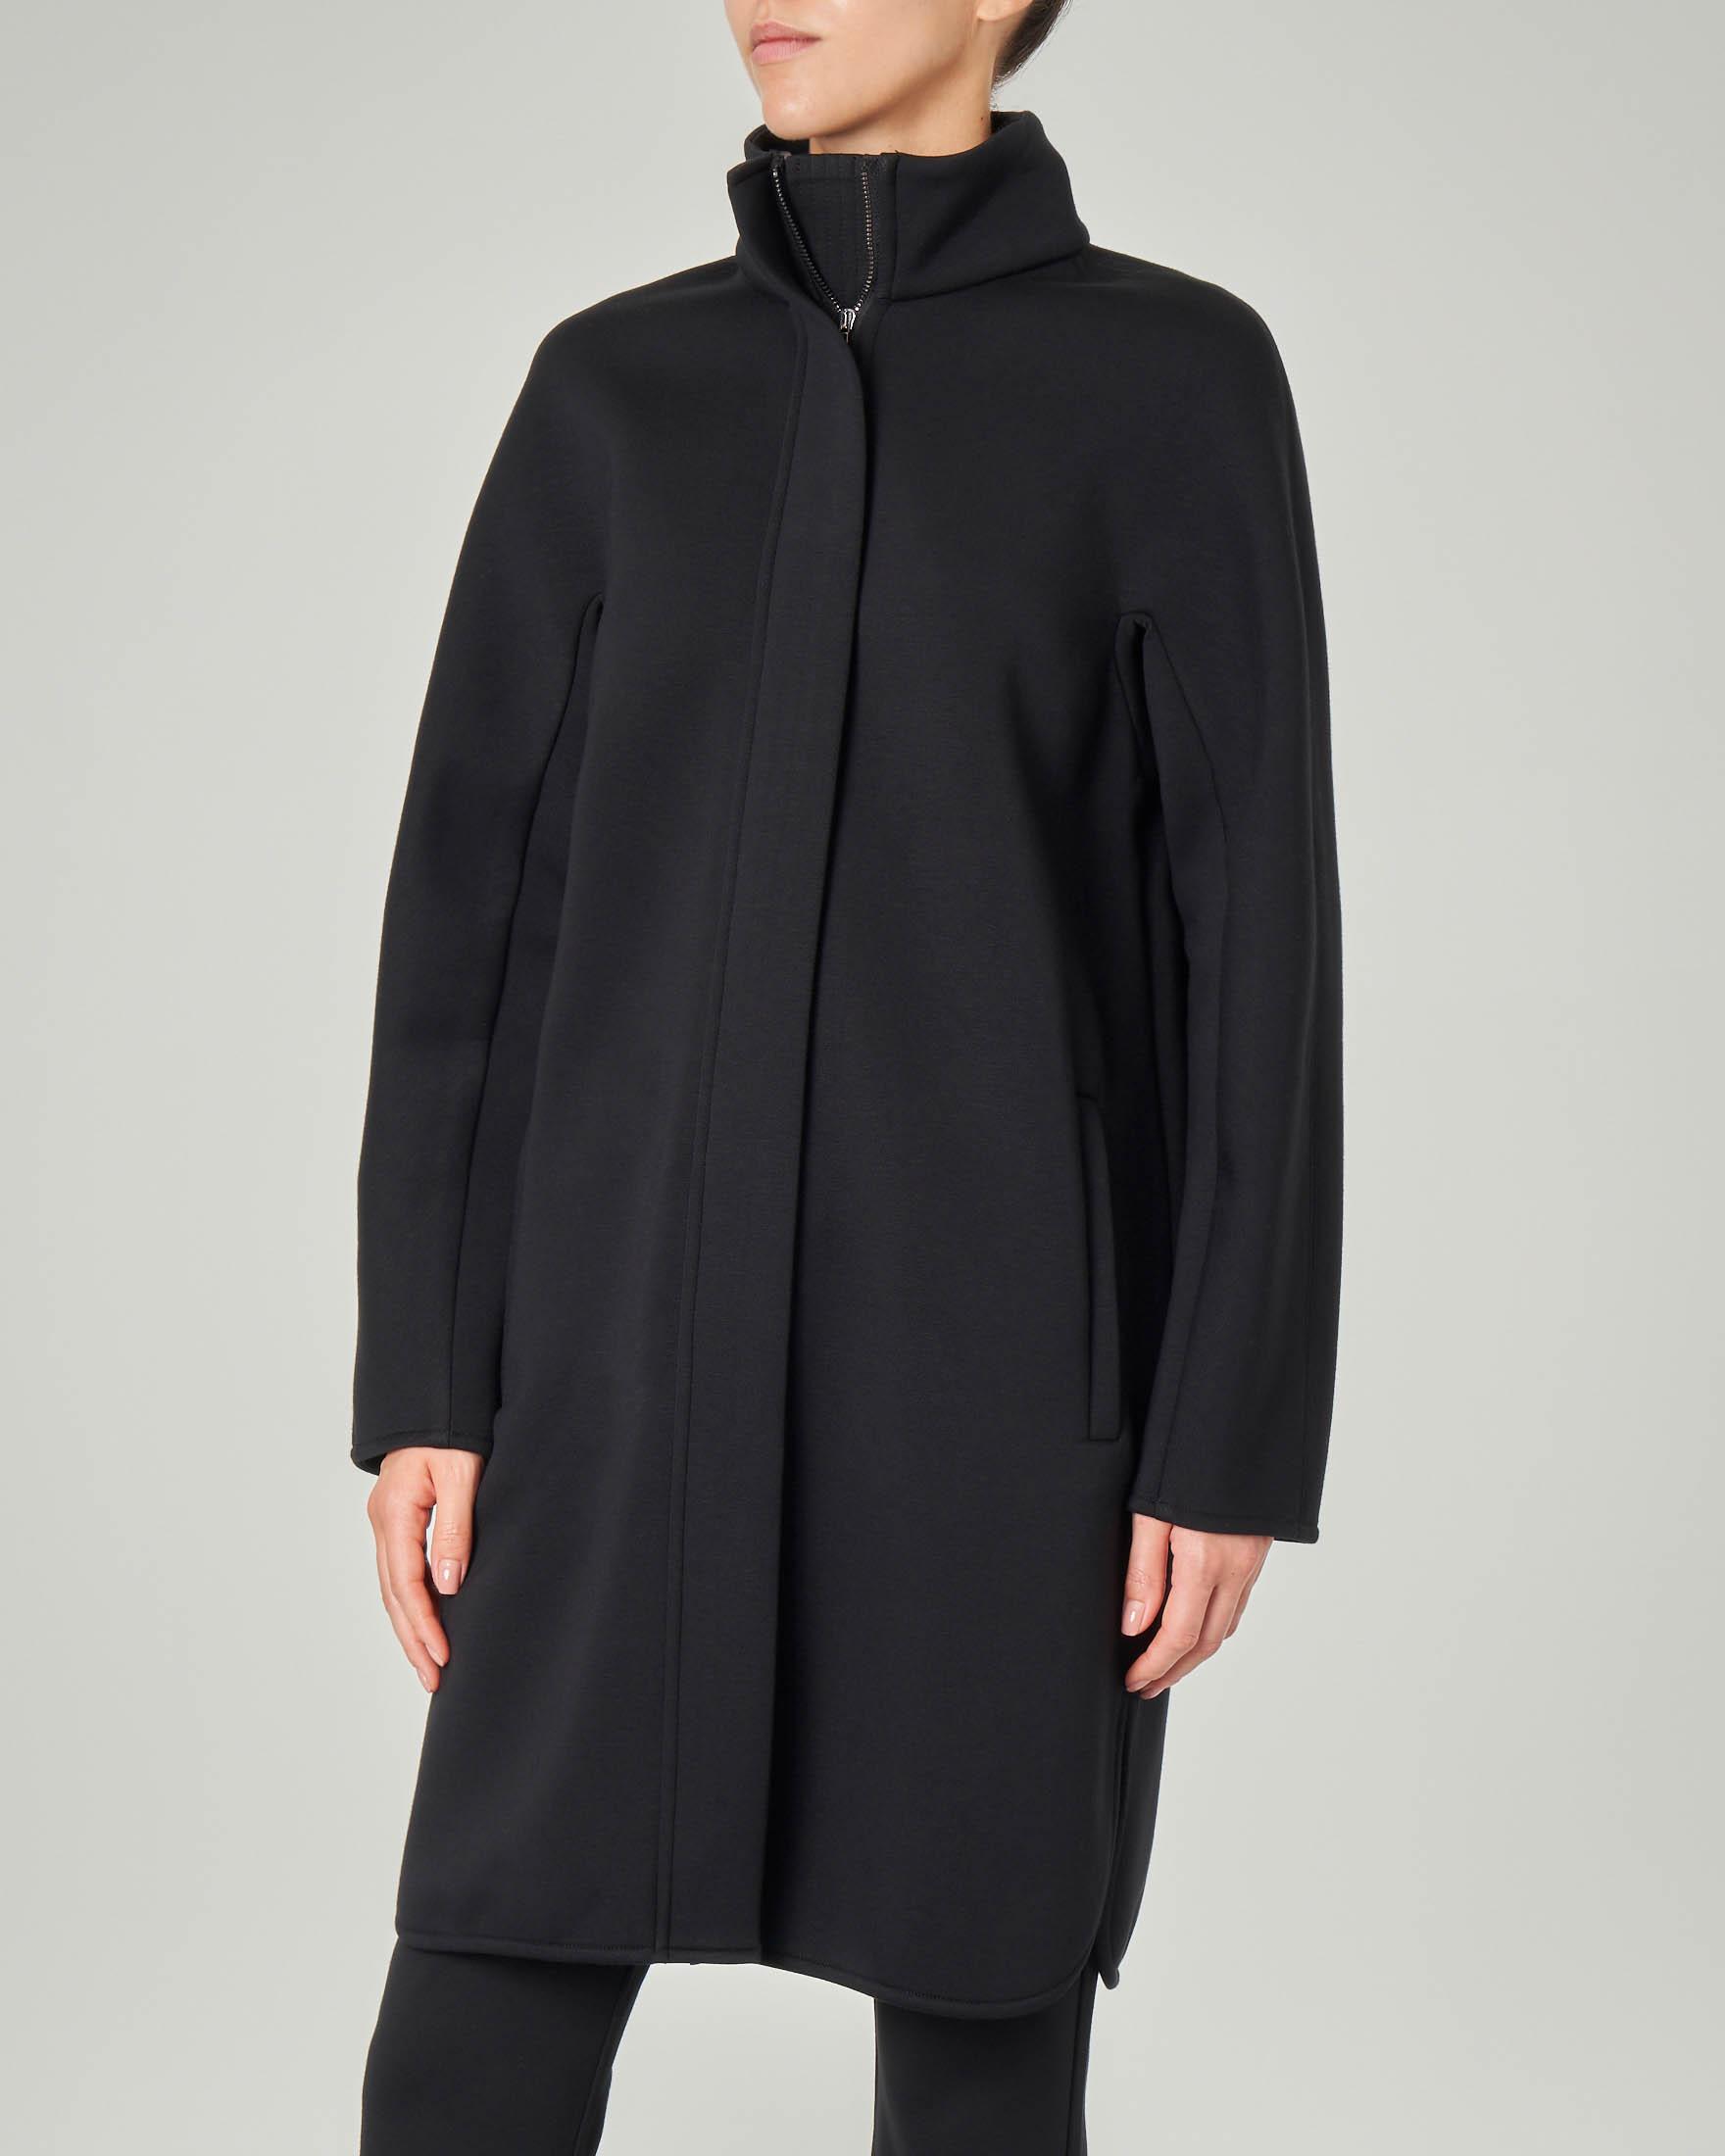 Capottino nero sette ottavi in jersey di viscosa effetto neoprene con collo alto